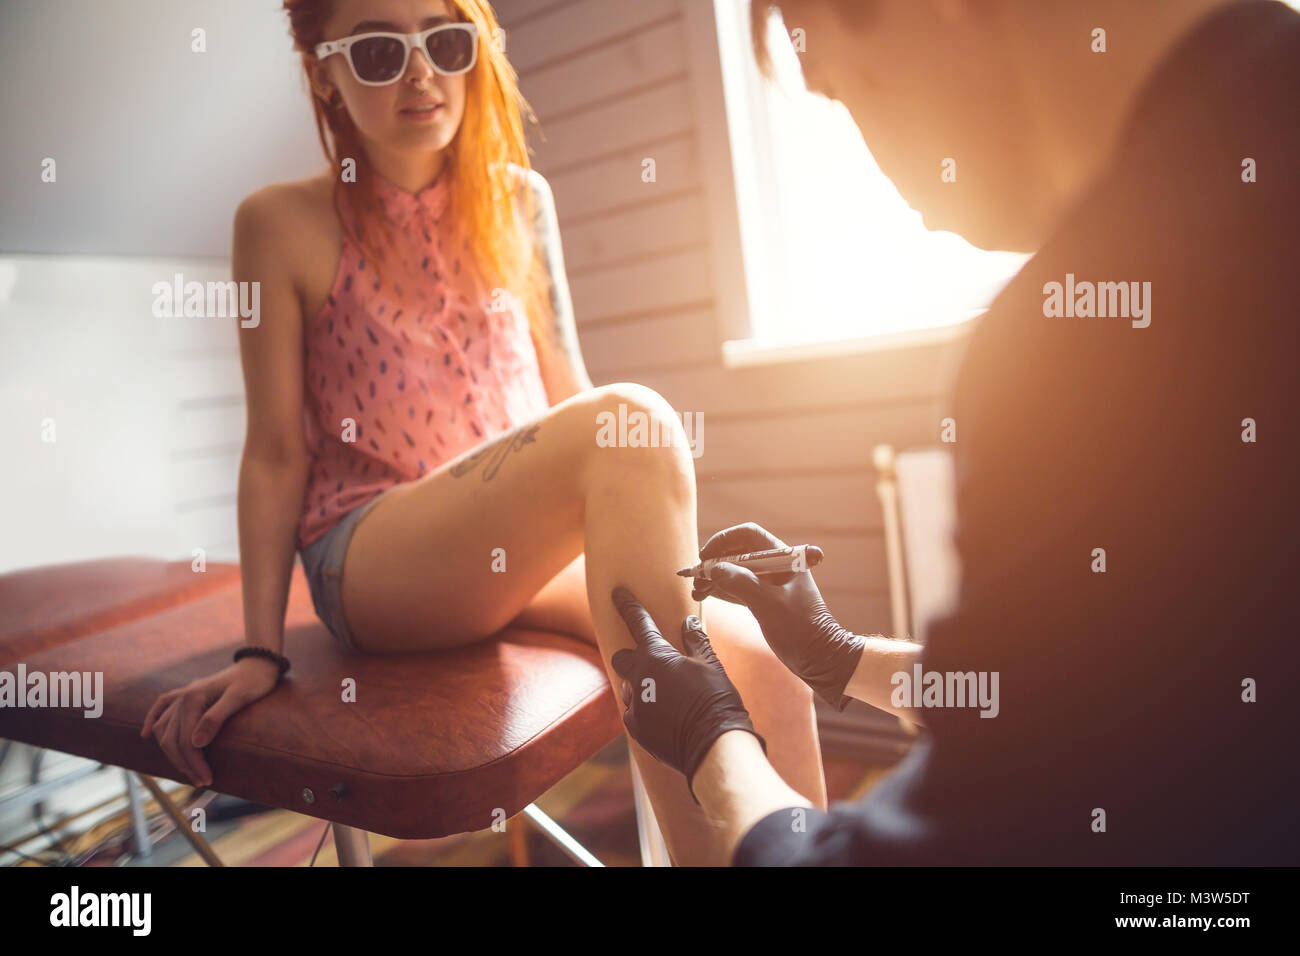 Professionelle Tätowierer macht tattoo Stockbild